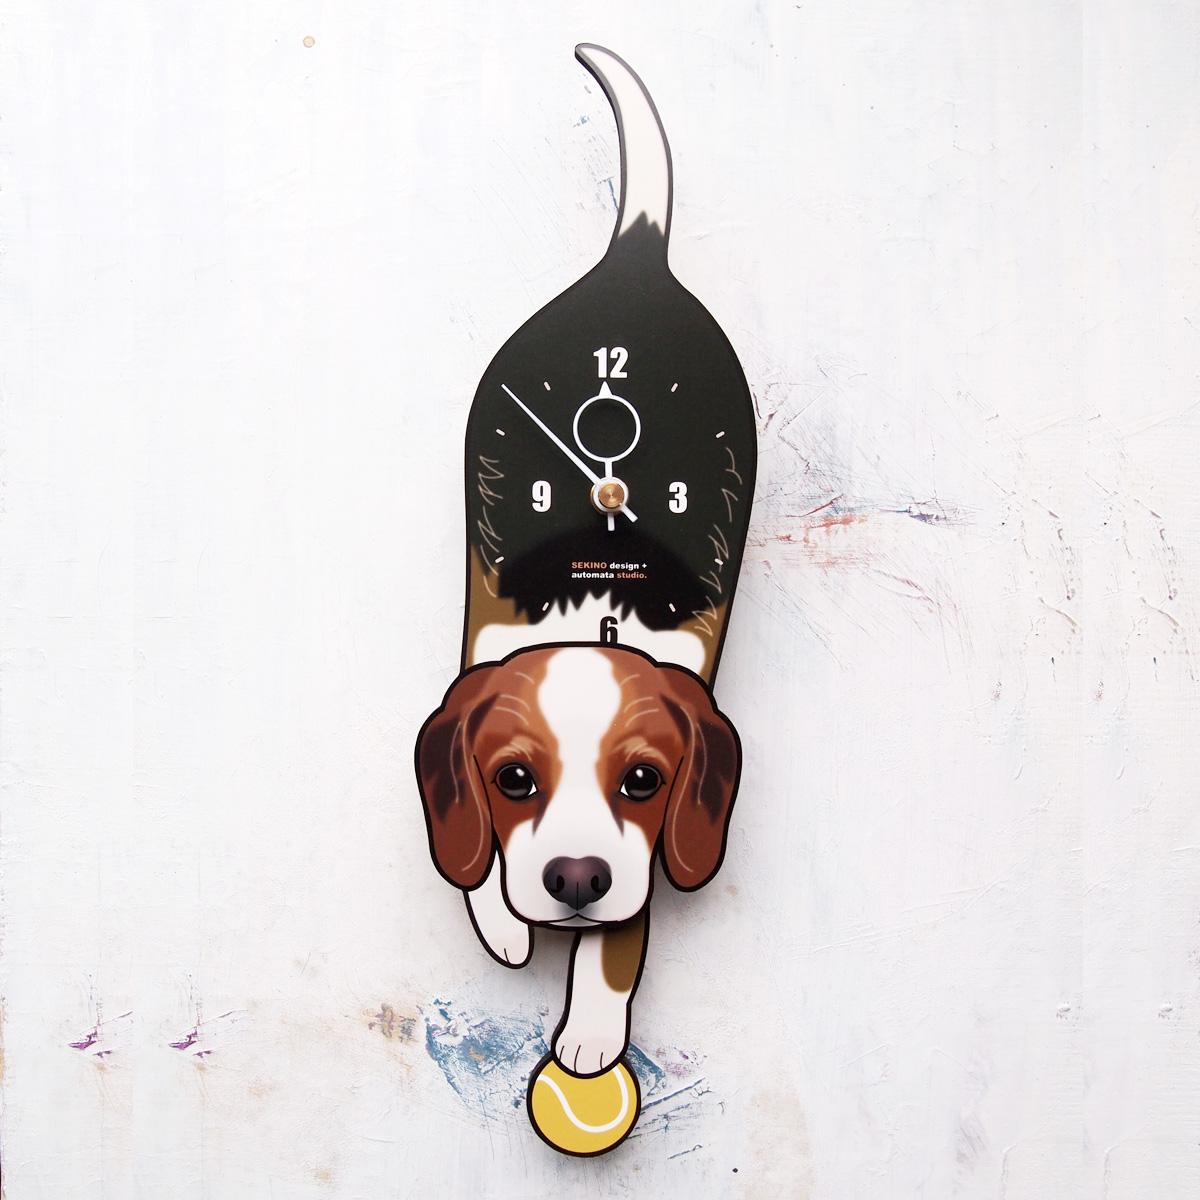 手の部分が振り子になった壁掛け用時計 期間限定で特別価格 ふるさと納税 D-149 ビーグル-犬の振り子時計 日本最大級の品揃え